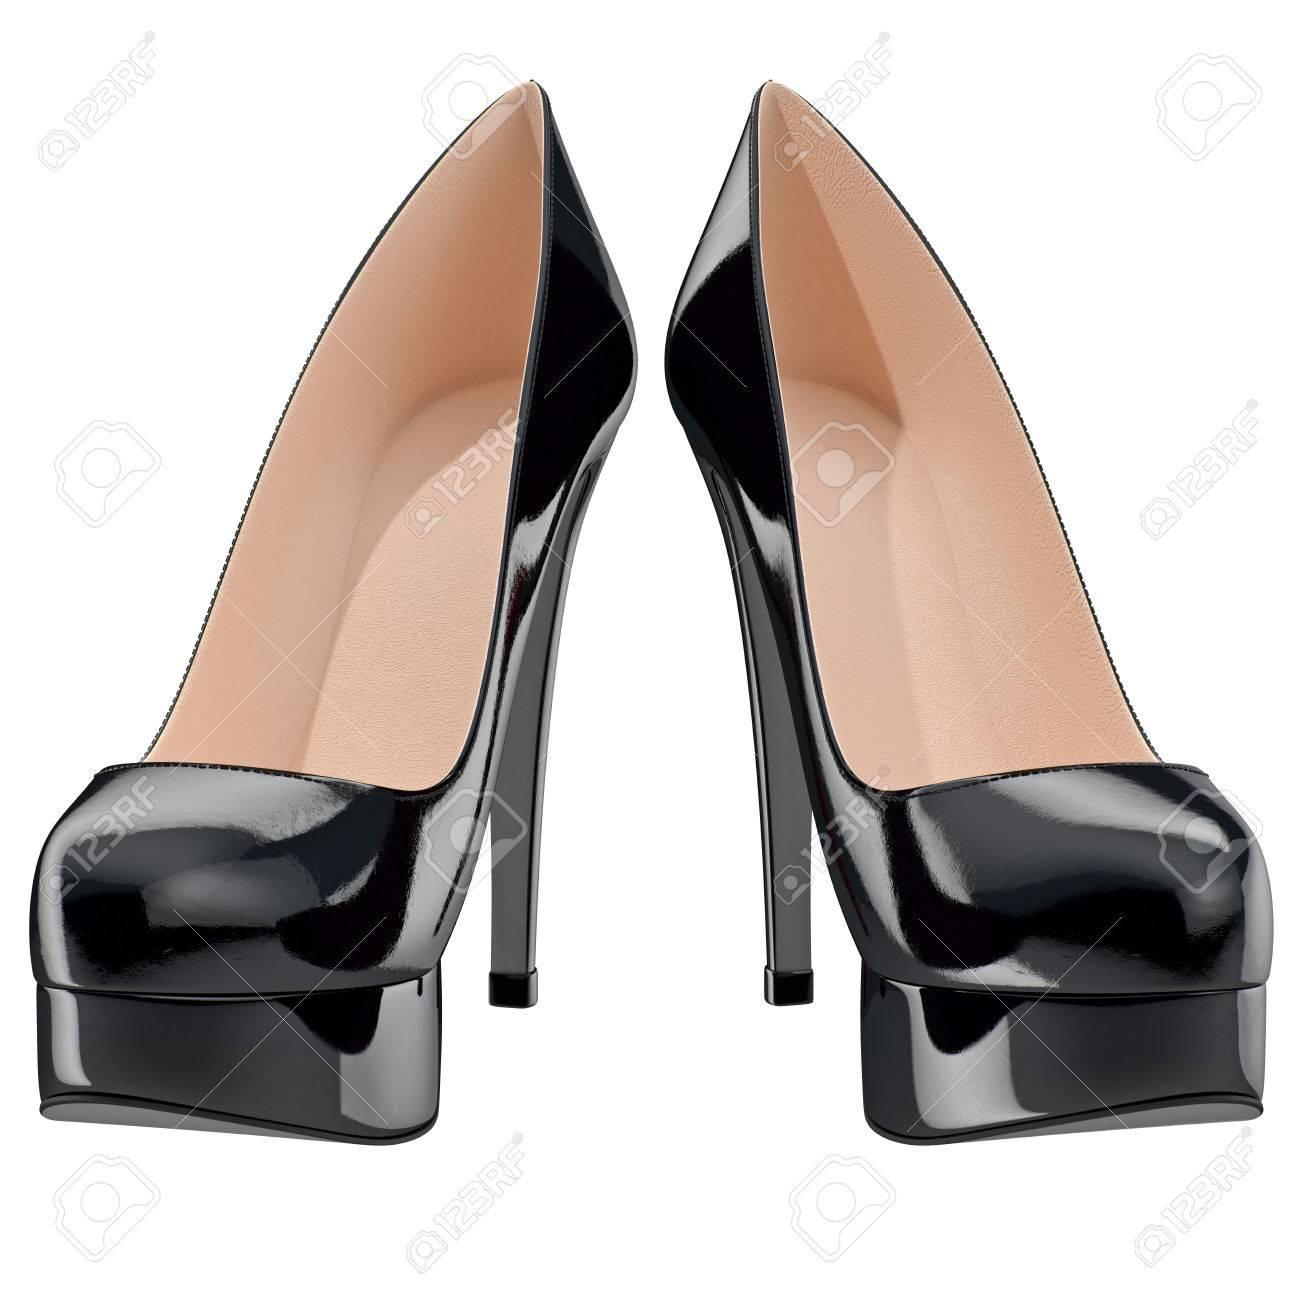 ハイヒール、正面の女性の黒のパテント レザーの靴。分離した白い背景の 3 D グラフィック オブジェクト